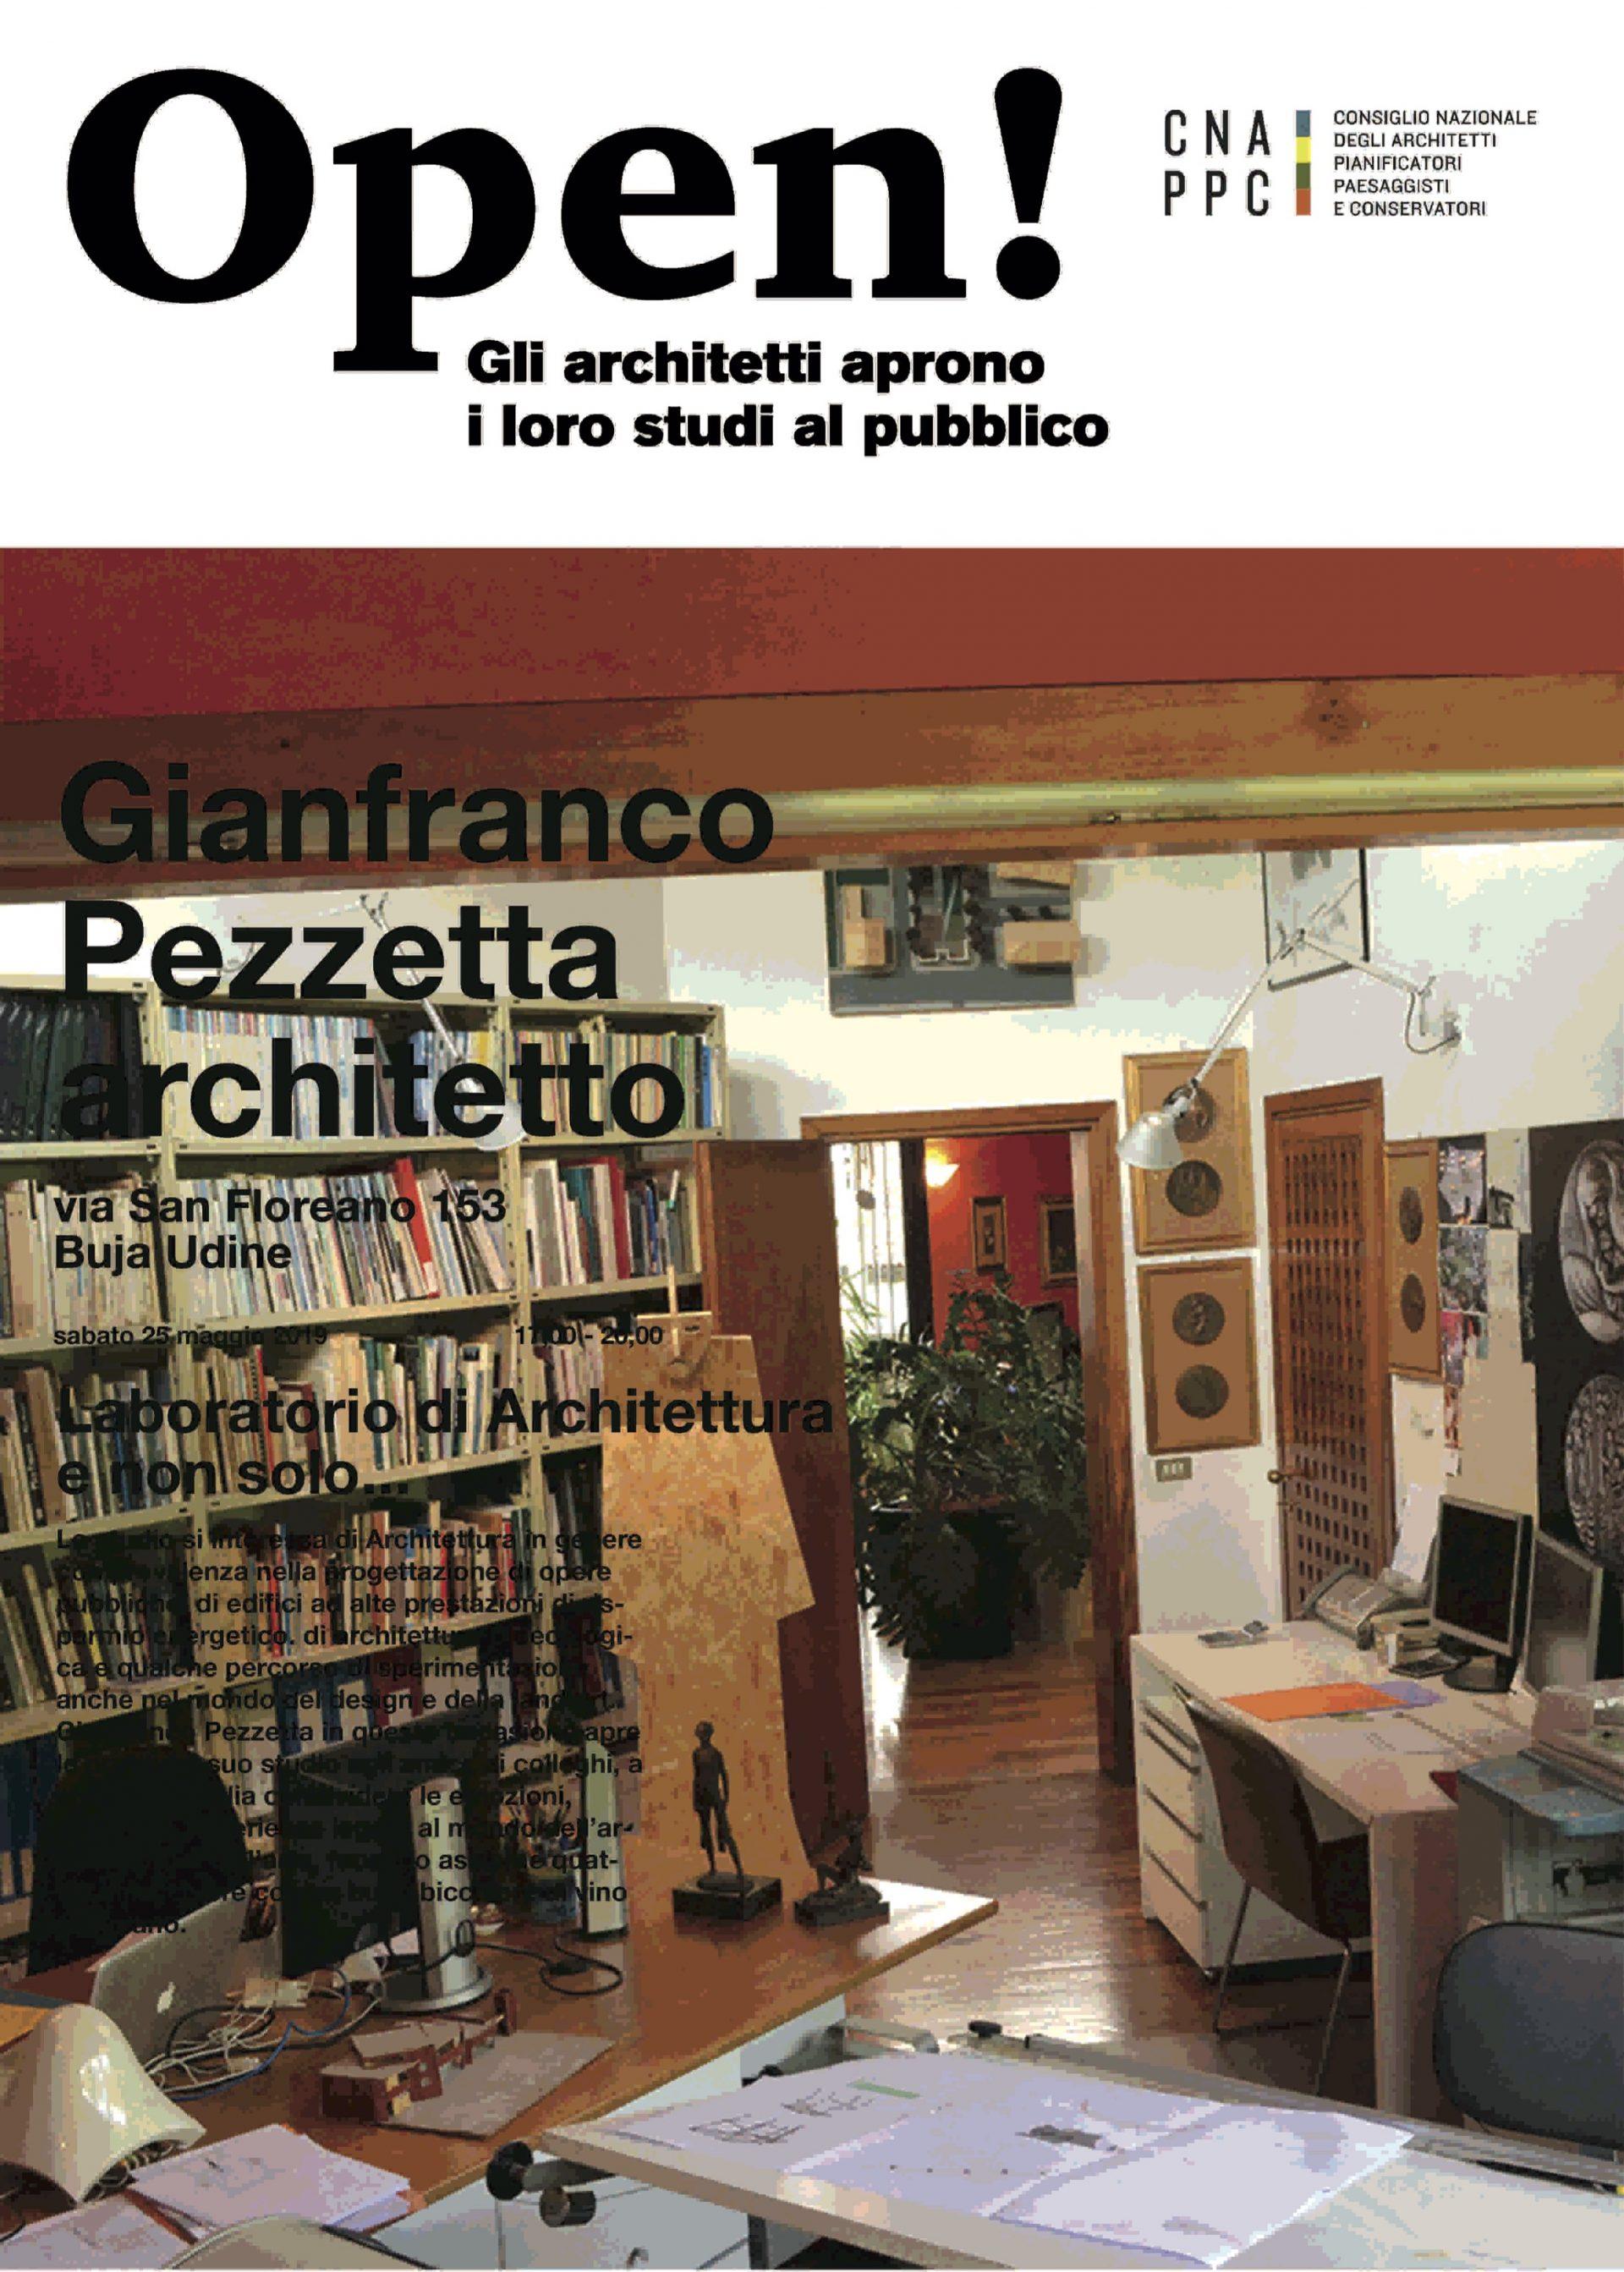 fotografie dello studio di architettura